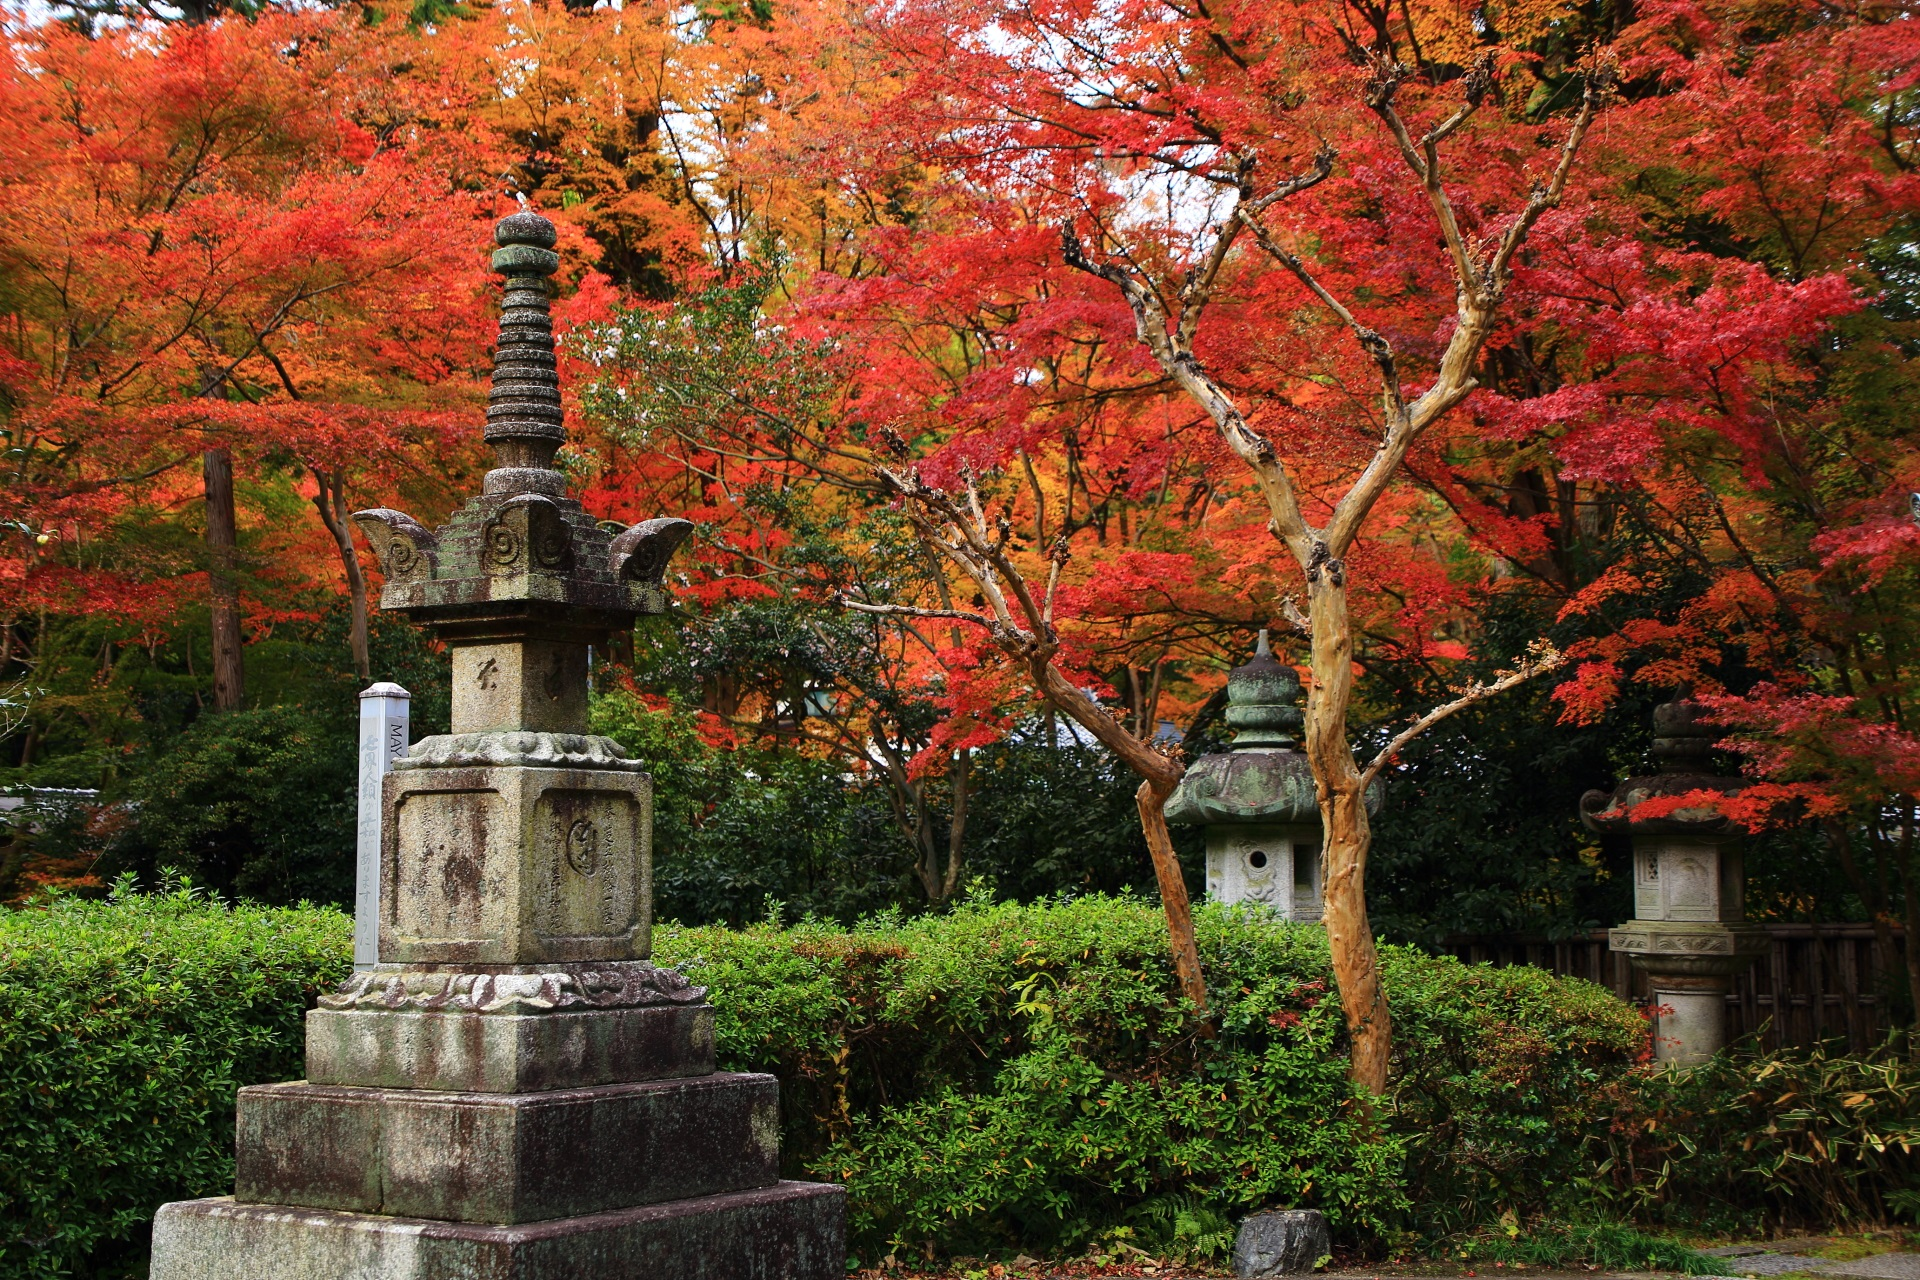 赤やオレンジの紅葉で賑わう来迎院の静かな境内